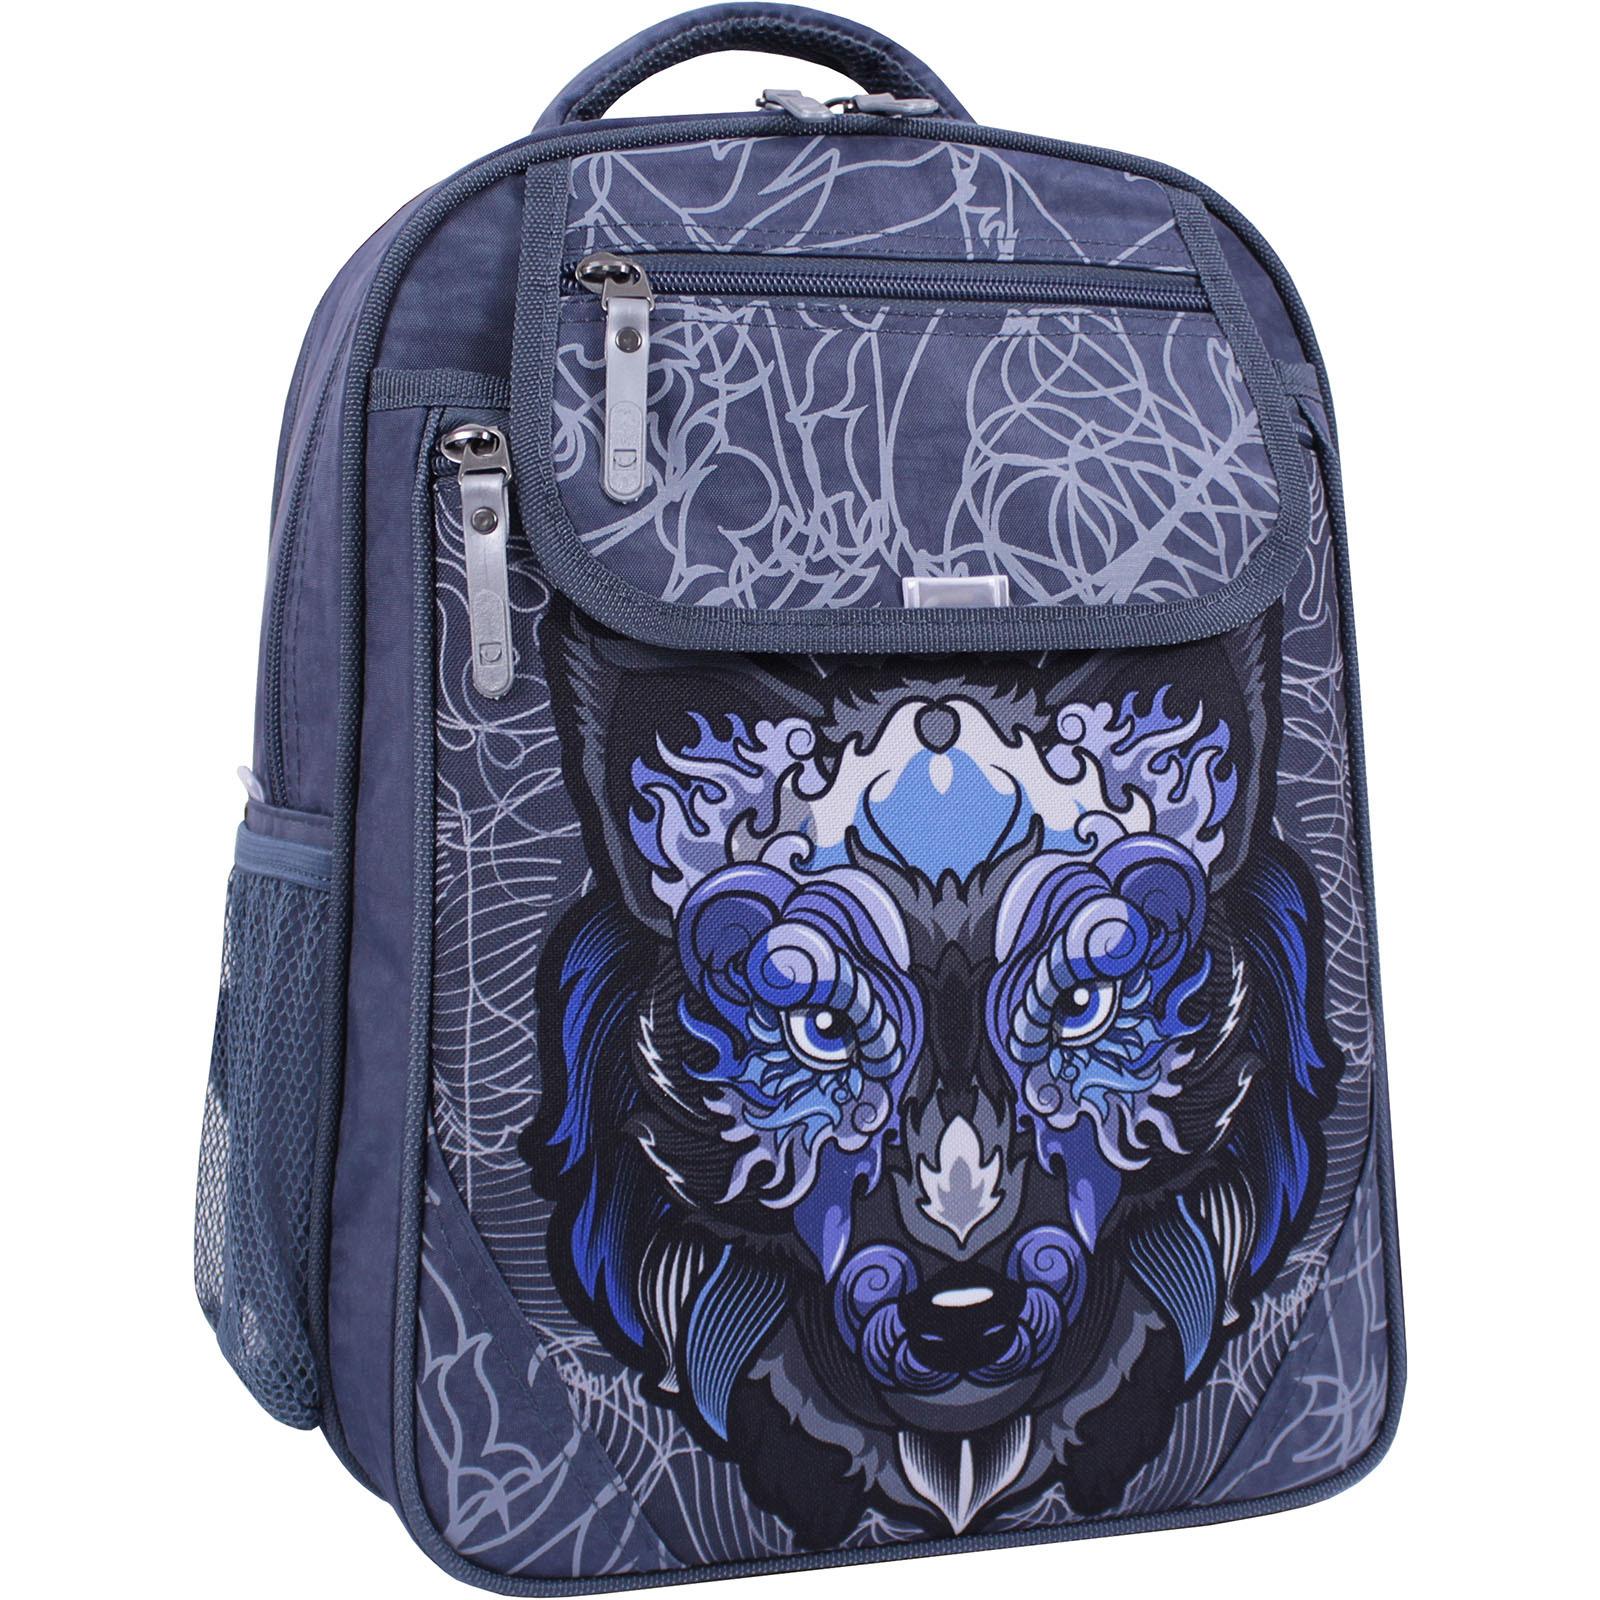 Школьные рюкзаки Рюкзак школьный Bagland Отличник 20 л. 321 серый 506 (0058070) IMG_1283.JPG